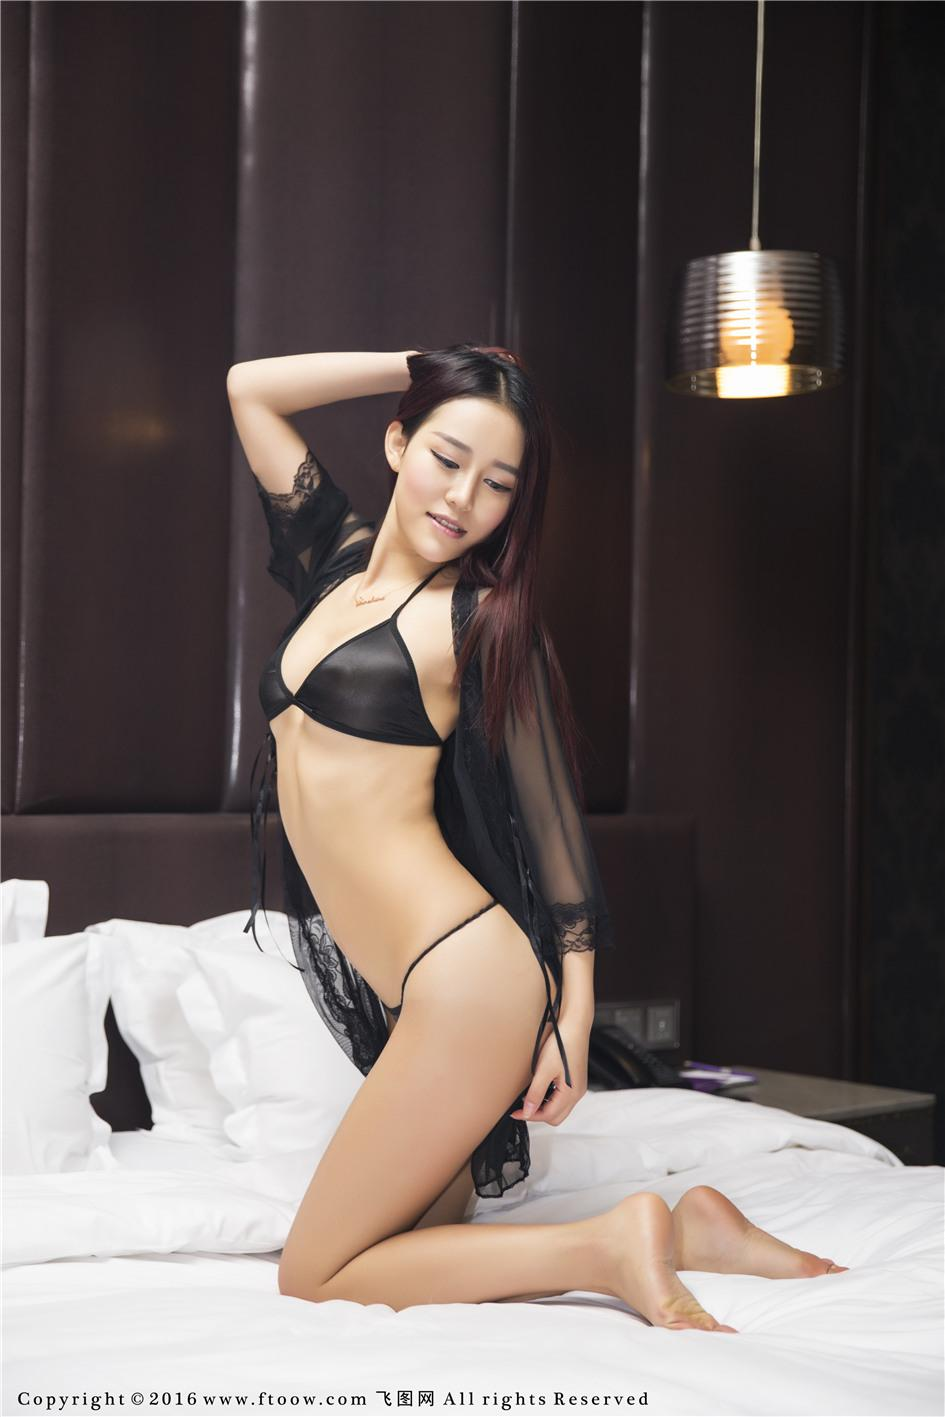 【飞图网】【Tang倩】娇娆美女Tang倩双S曲线床上人体艺术照片No.012【32P】 性感内衣